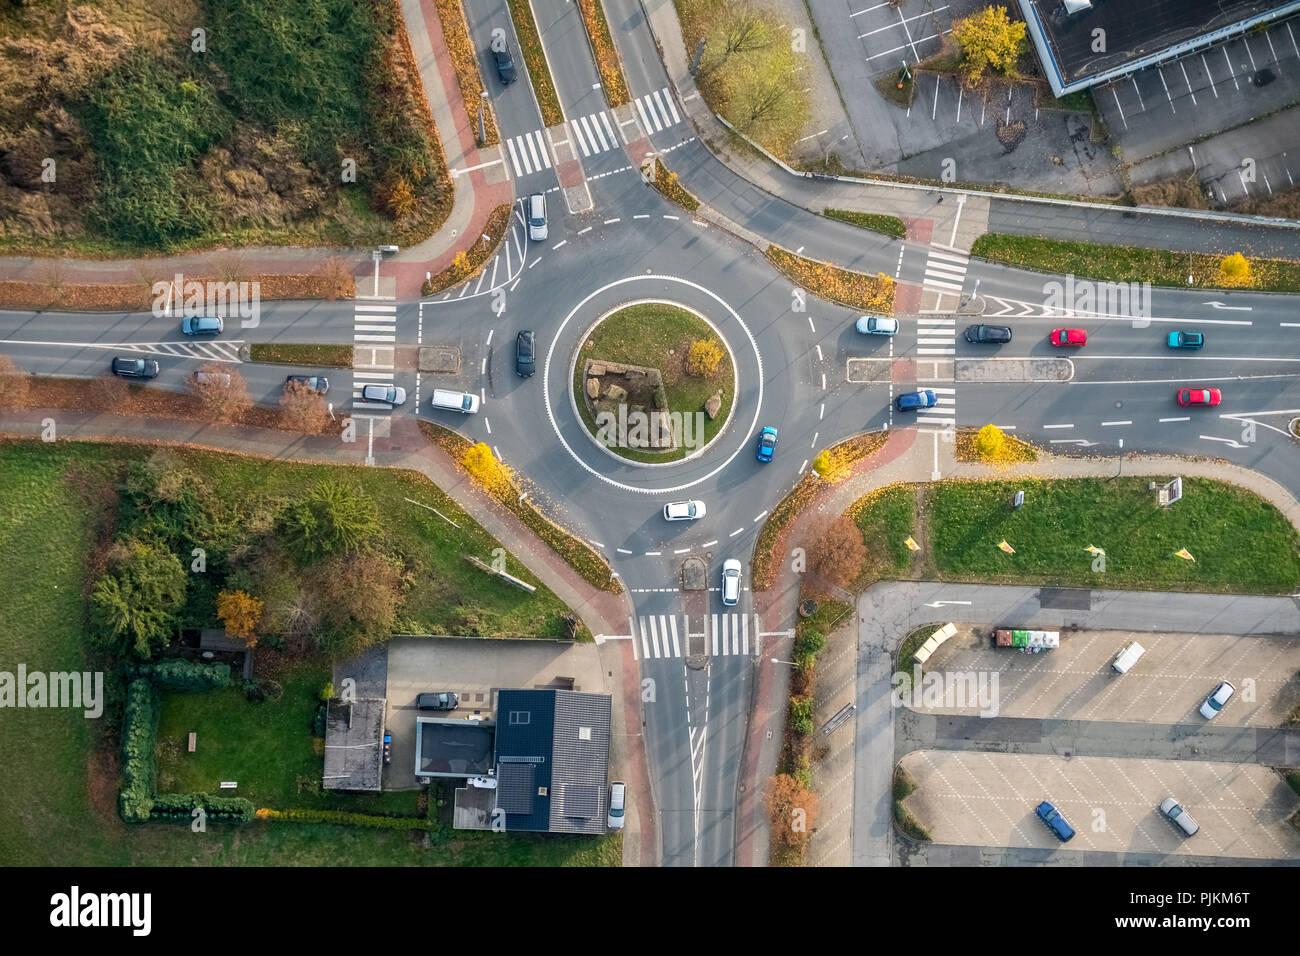 Kreisverkehr mit Herbstlaub, Zebrastreifen, Zebrastreifen, Warendorfer Straße Sachsenring Münsterstraße, Hamm, Ruhrgebiet, Nordrhein-Westfalen, Deutschland Stockbild